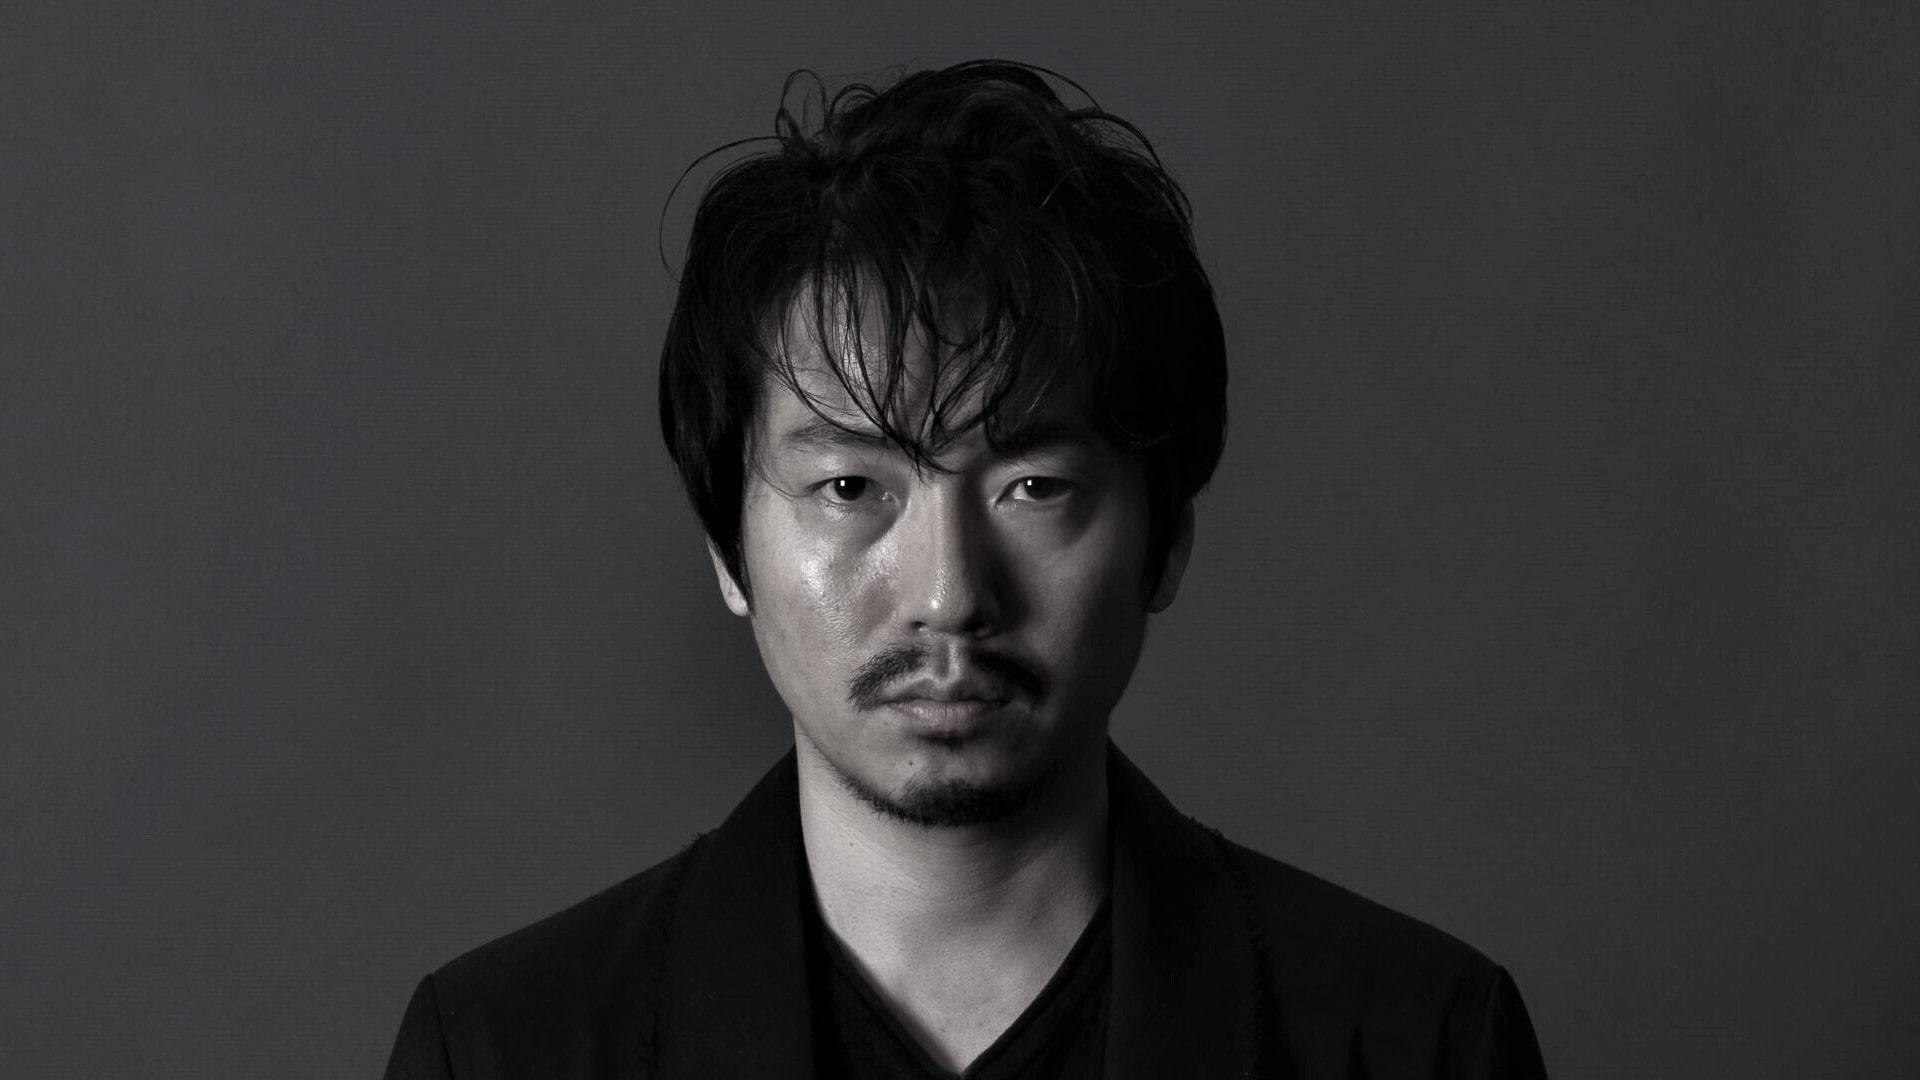 株式会社オフィスMORIMOTOロゴ|俳優エージェント